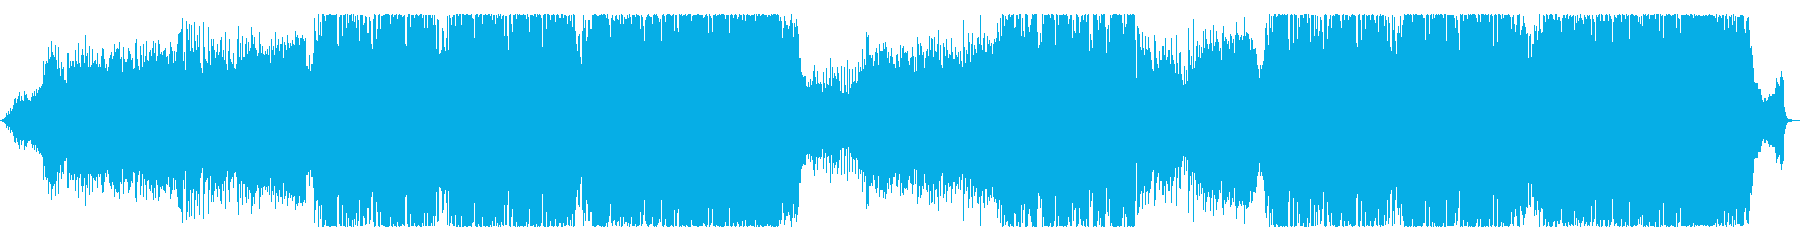 力強い感じのEDMです。の再生済みの波形